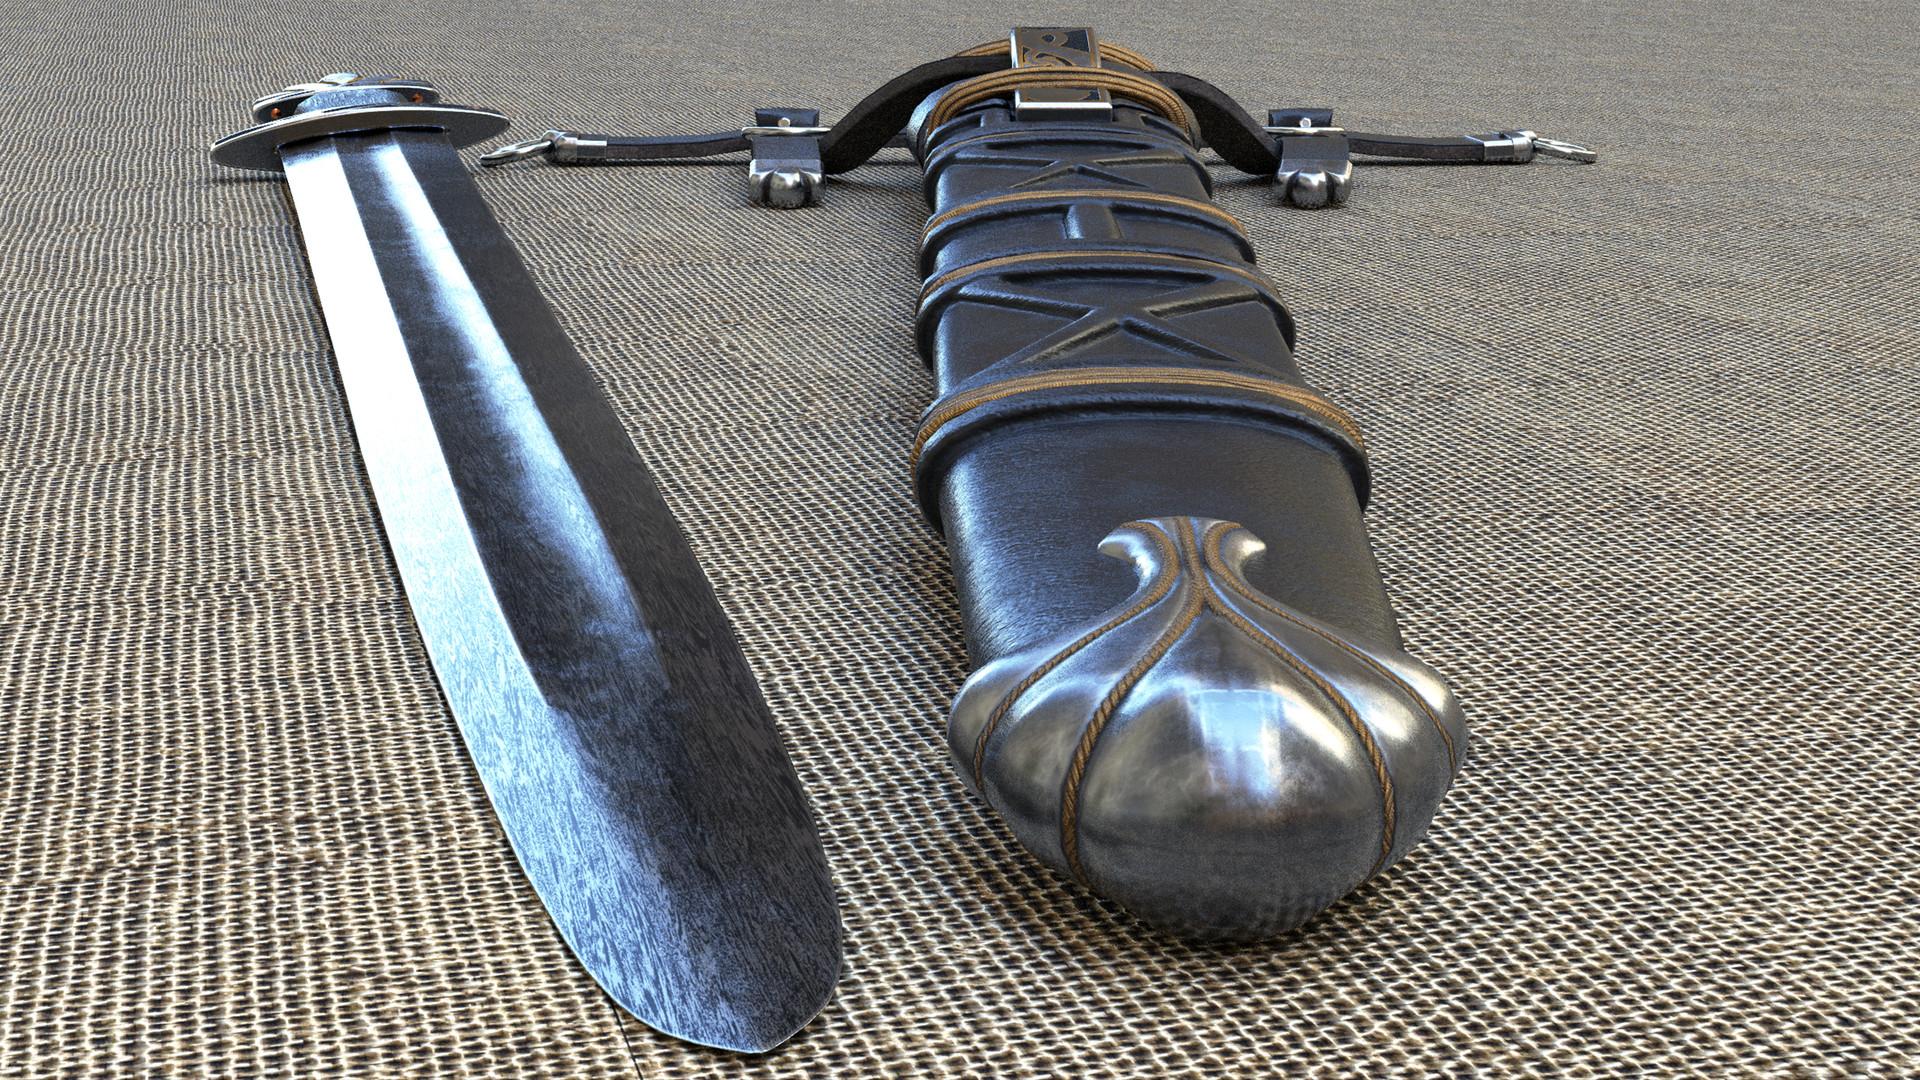 ArtStation - Alec Steele Viking Sword With Scabbard, Ben Cooney